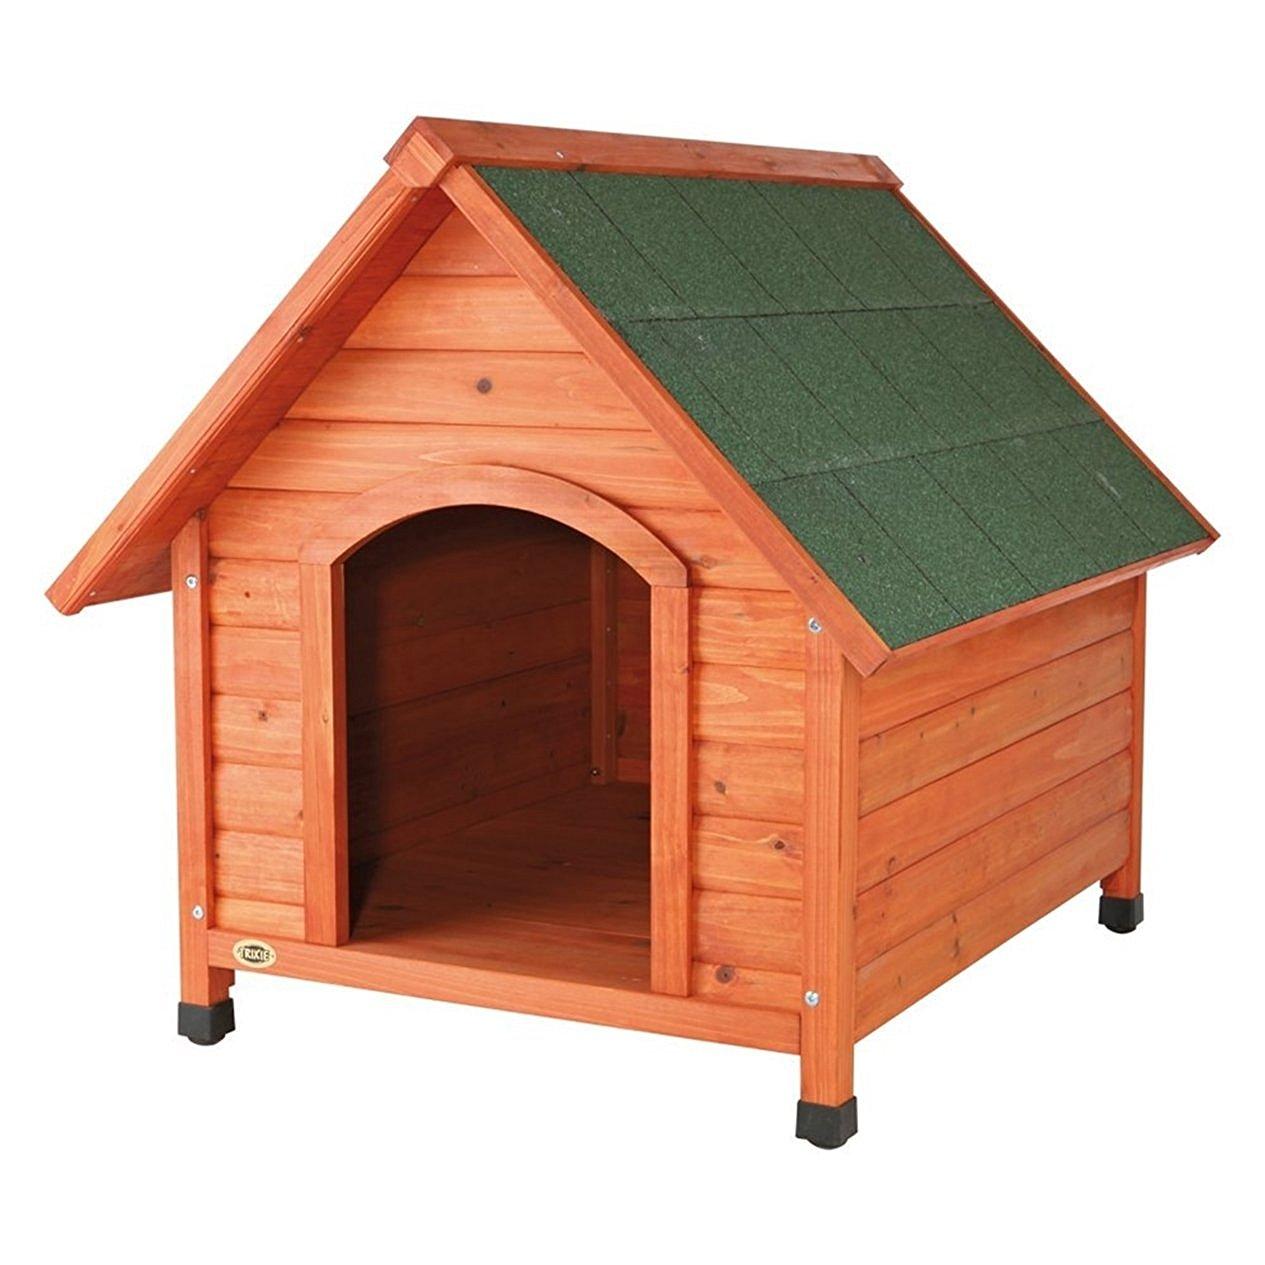 Trixie cuccia tetto spiovente casetta cottage in legno di for Cuccia per cani ikea prezzi